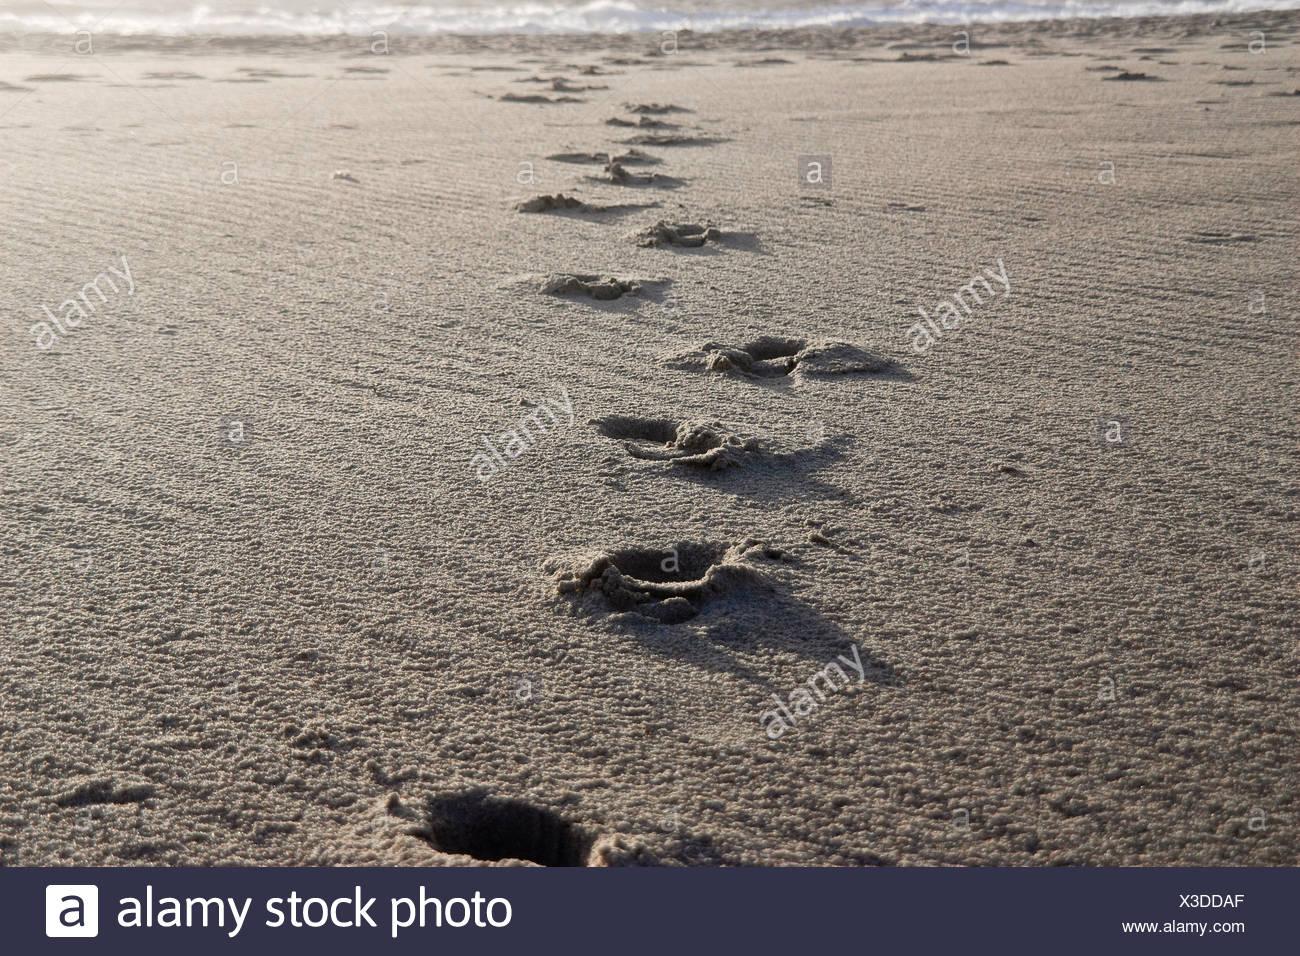 Denmark, Vrist, Footsteps on wet beach - Stock Image